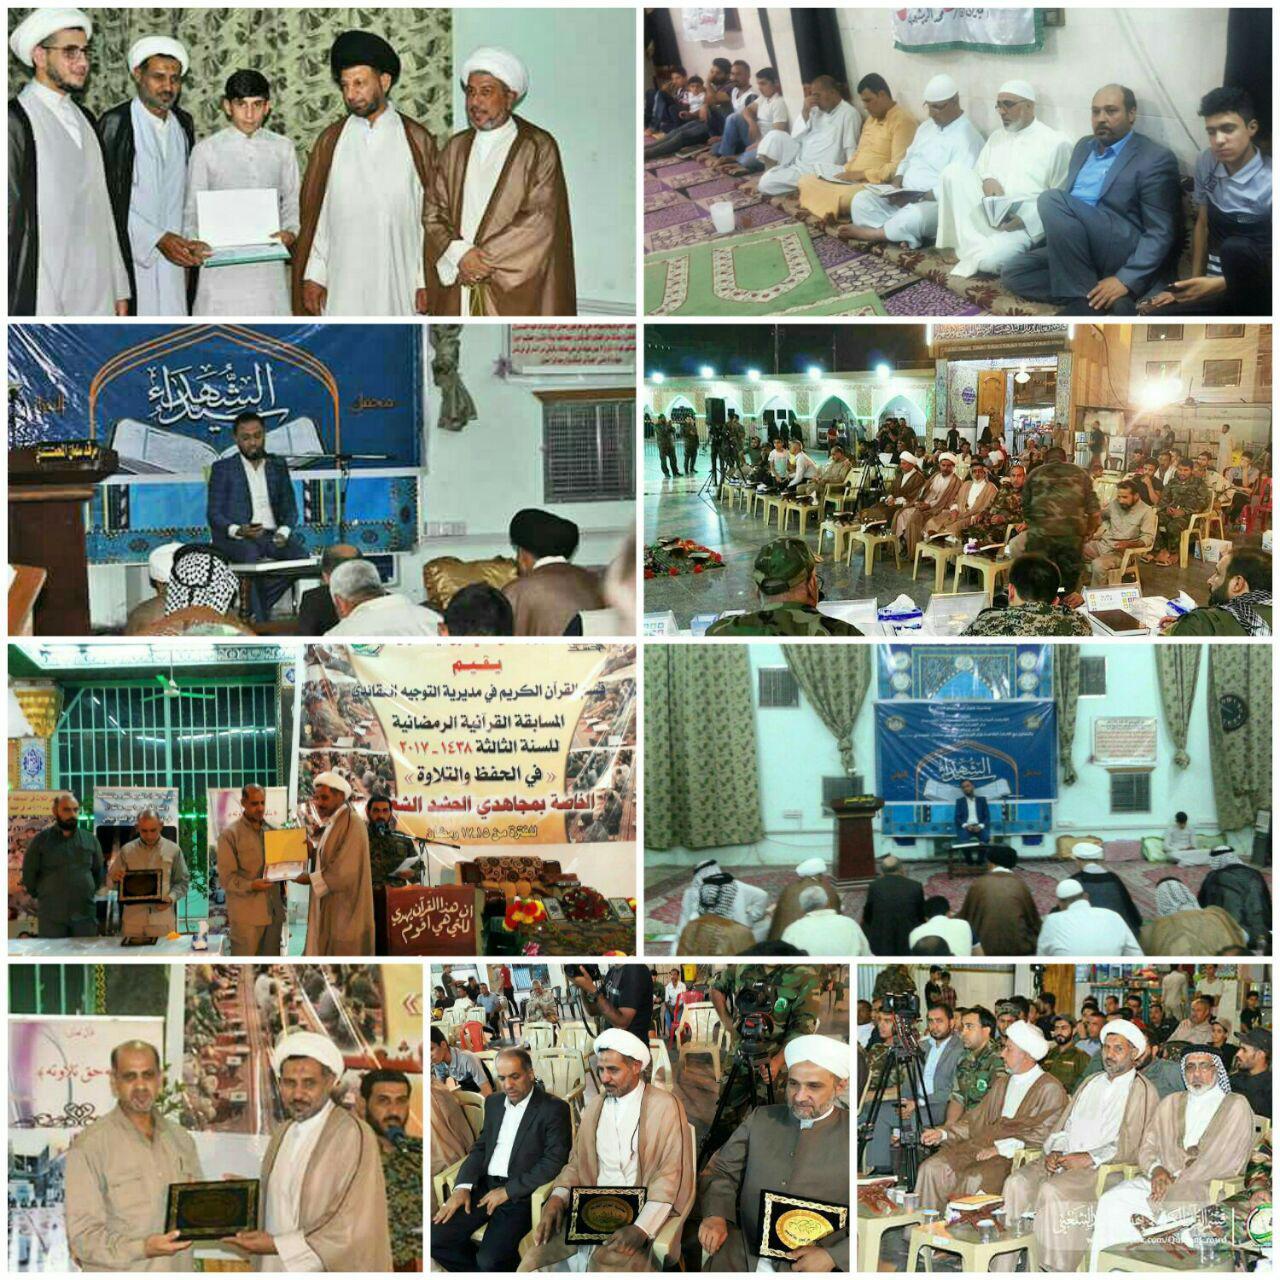 صورة مكتب التيار الشيرازي في العاصمة العراقية بغداد ينظم  برامج خاصة  في ليالي لاحياء ليالي القدر المباركة في بغداد